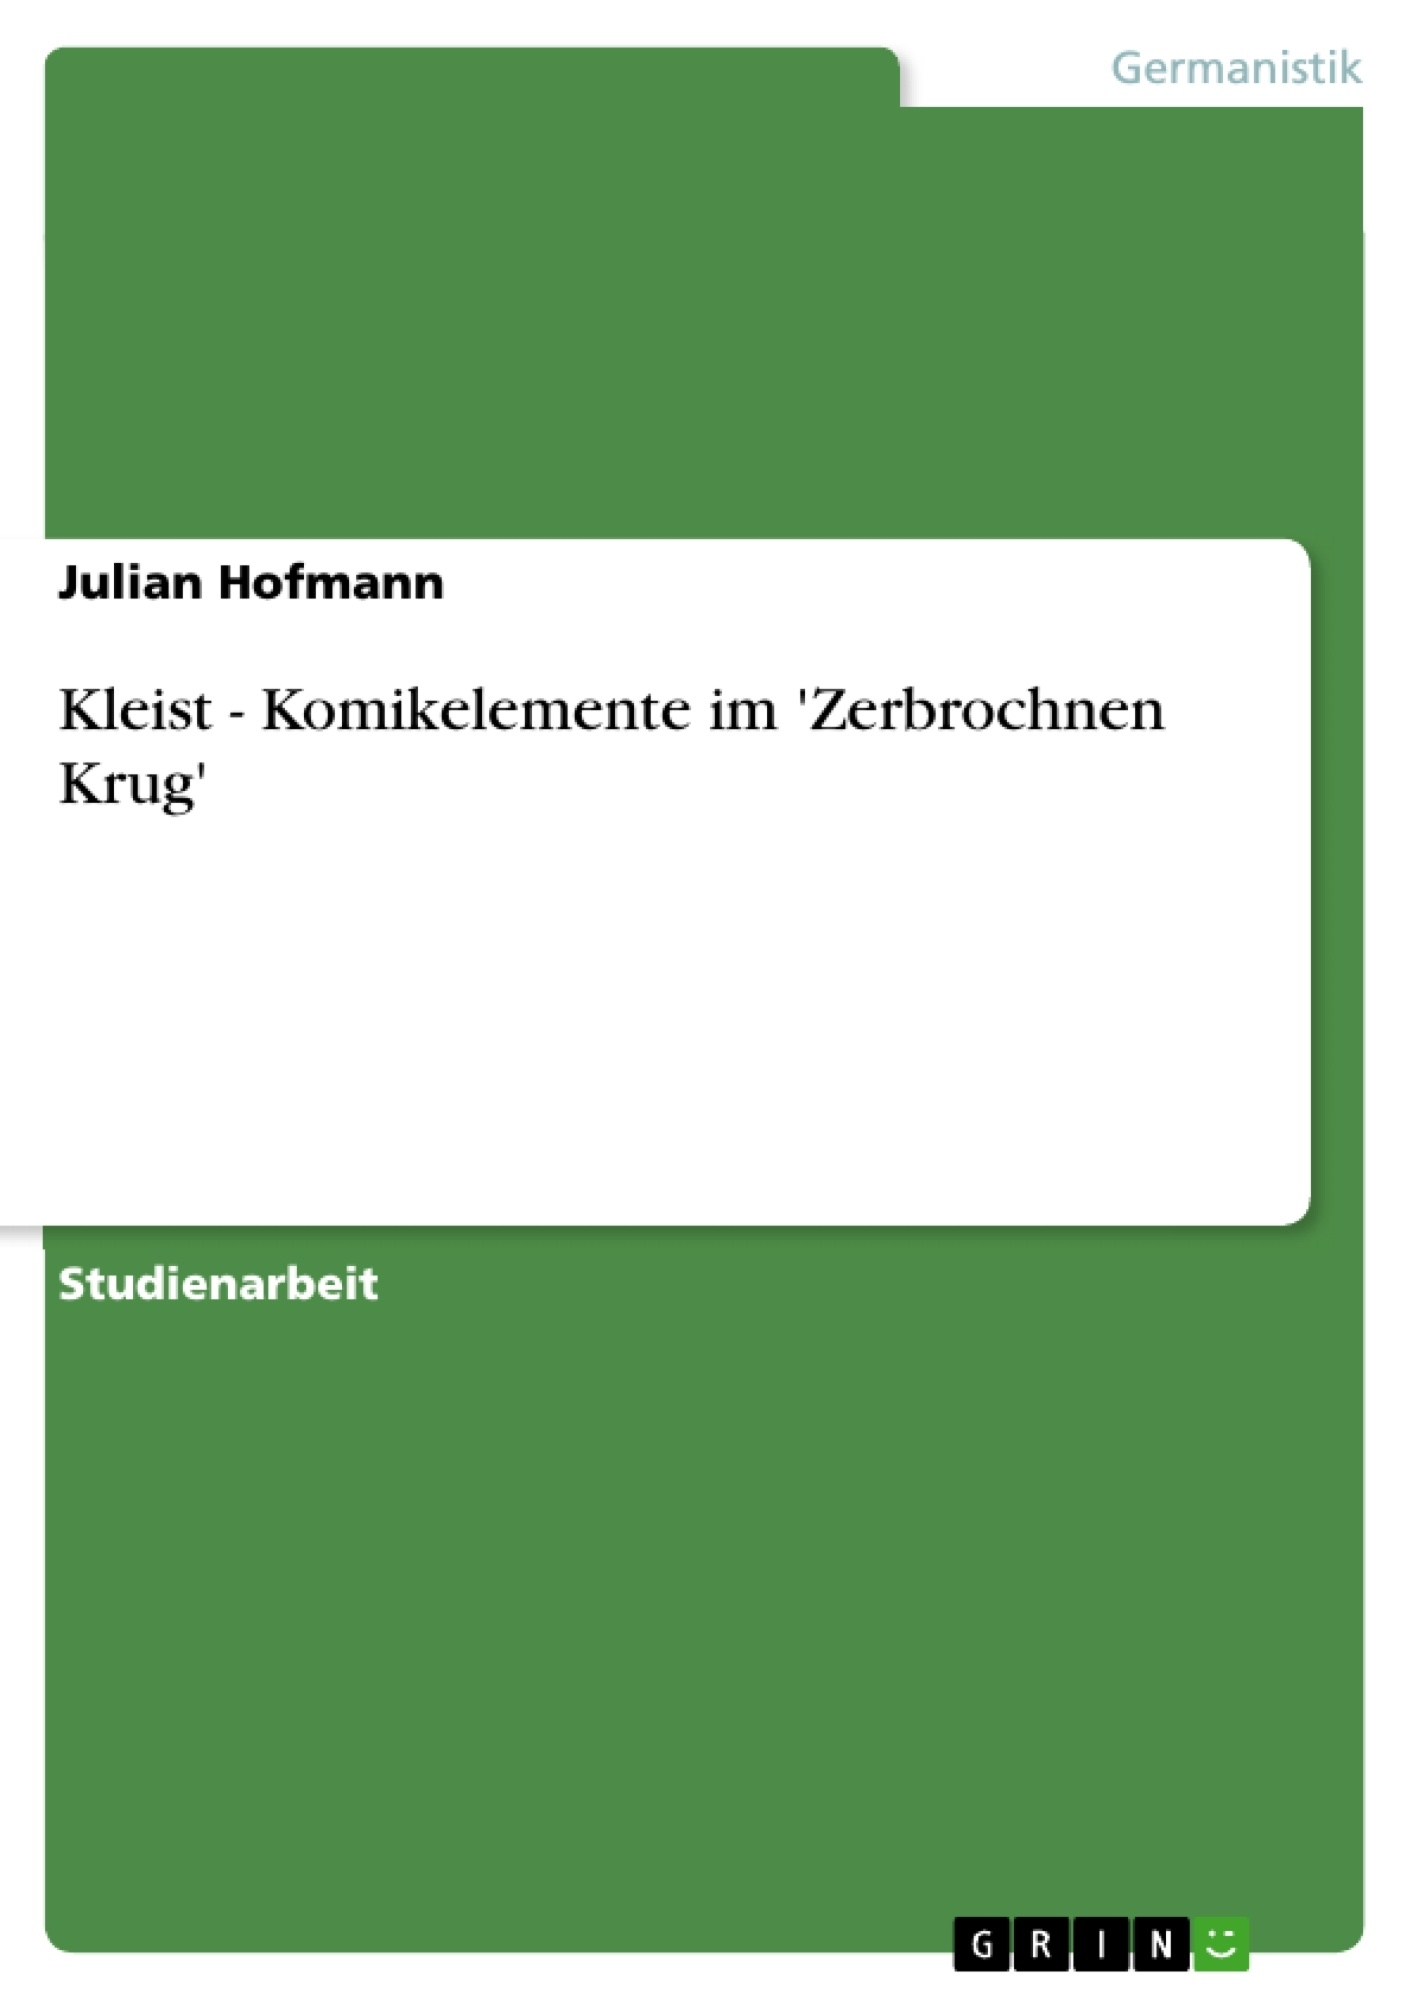 Titel: Kleist -  Komikelemente im 'Zerbrochnen Krug'